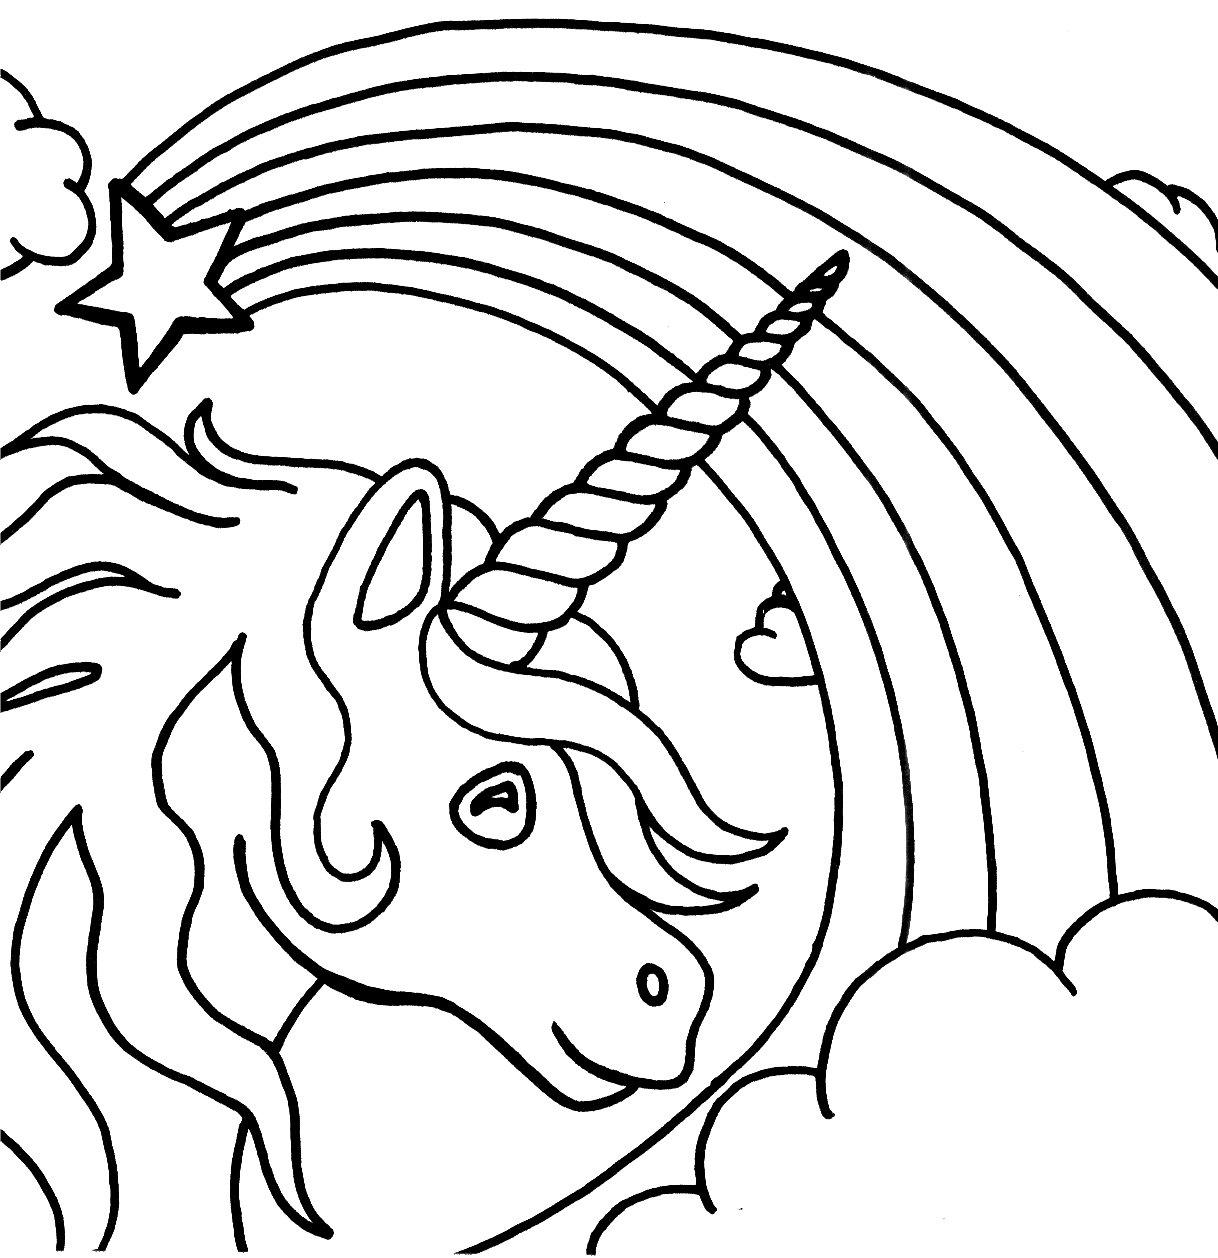 54 Unicorn Coloring Pages, Unicorn Coloring Pages For Adults